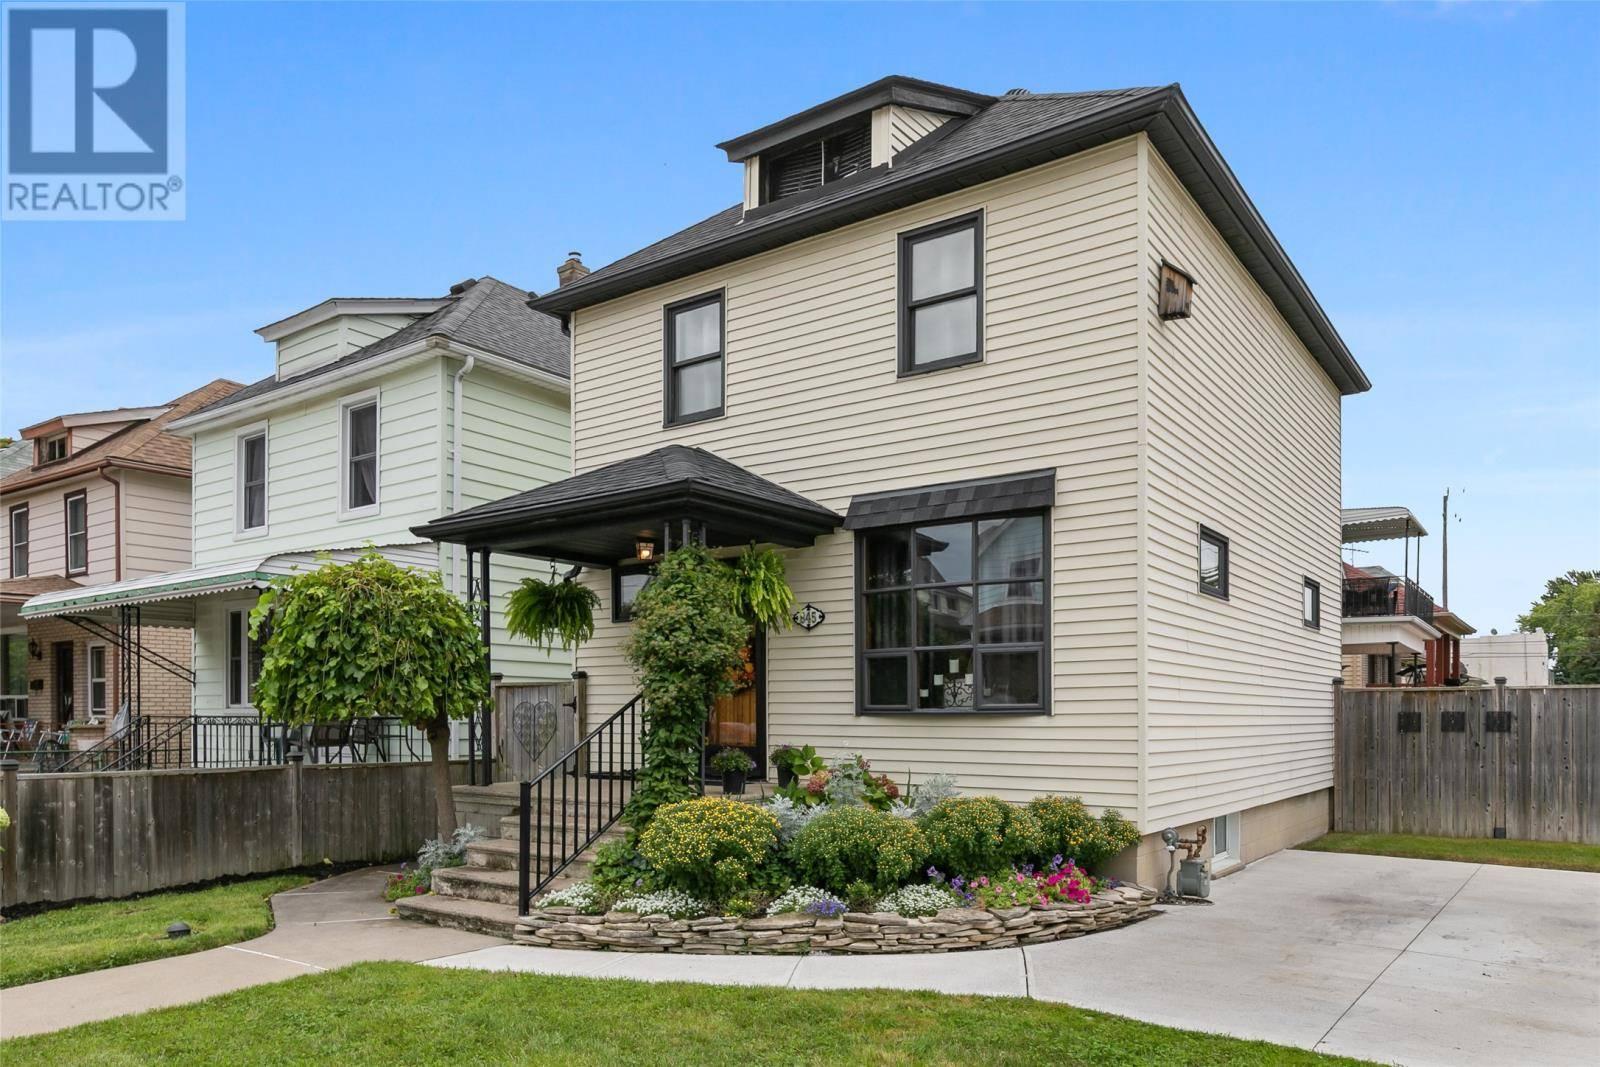 House for sale at 845 Elliott St East Windsor Ontario - MLS: 19025399